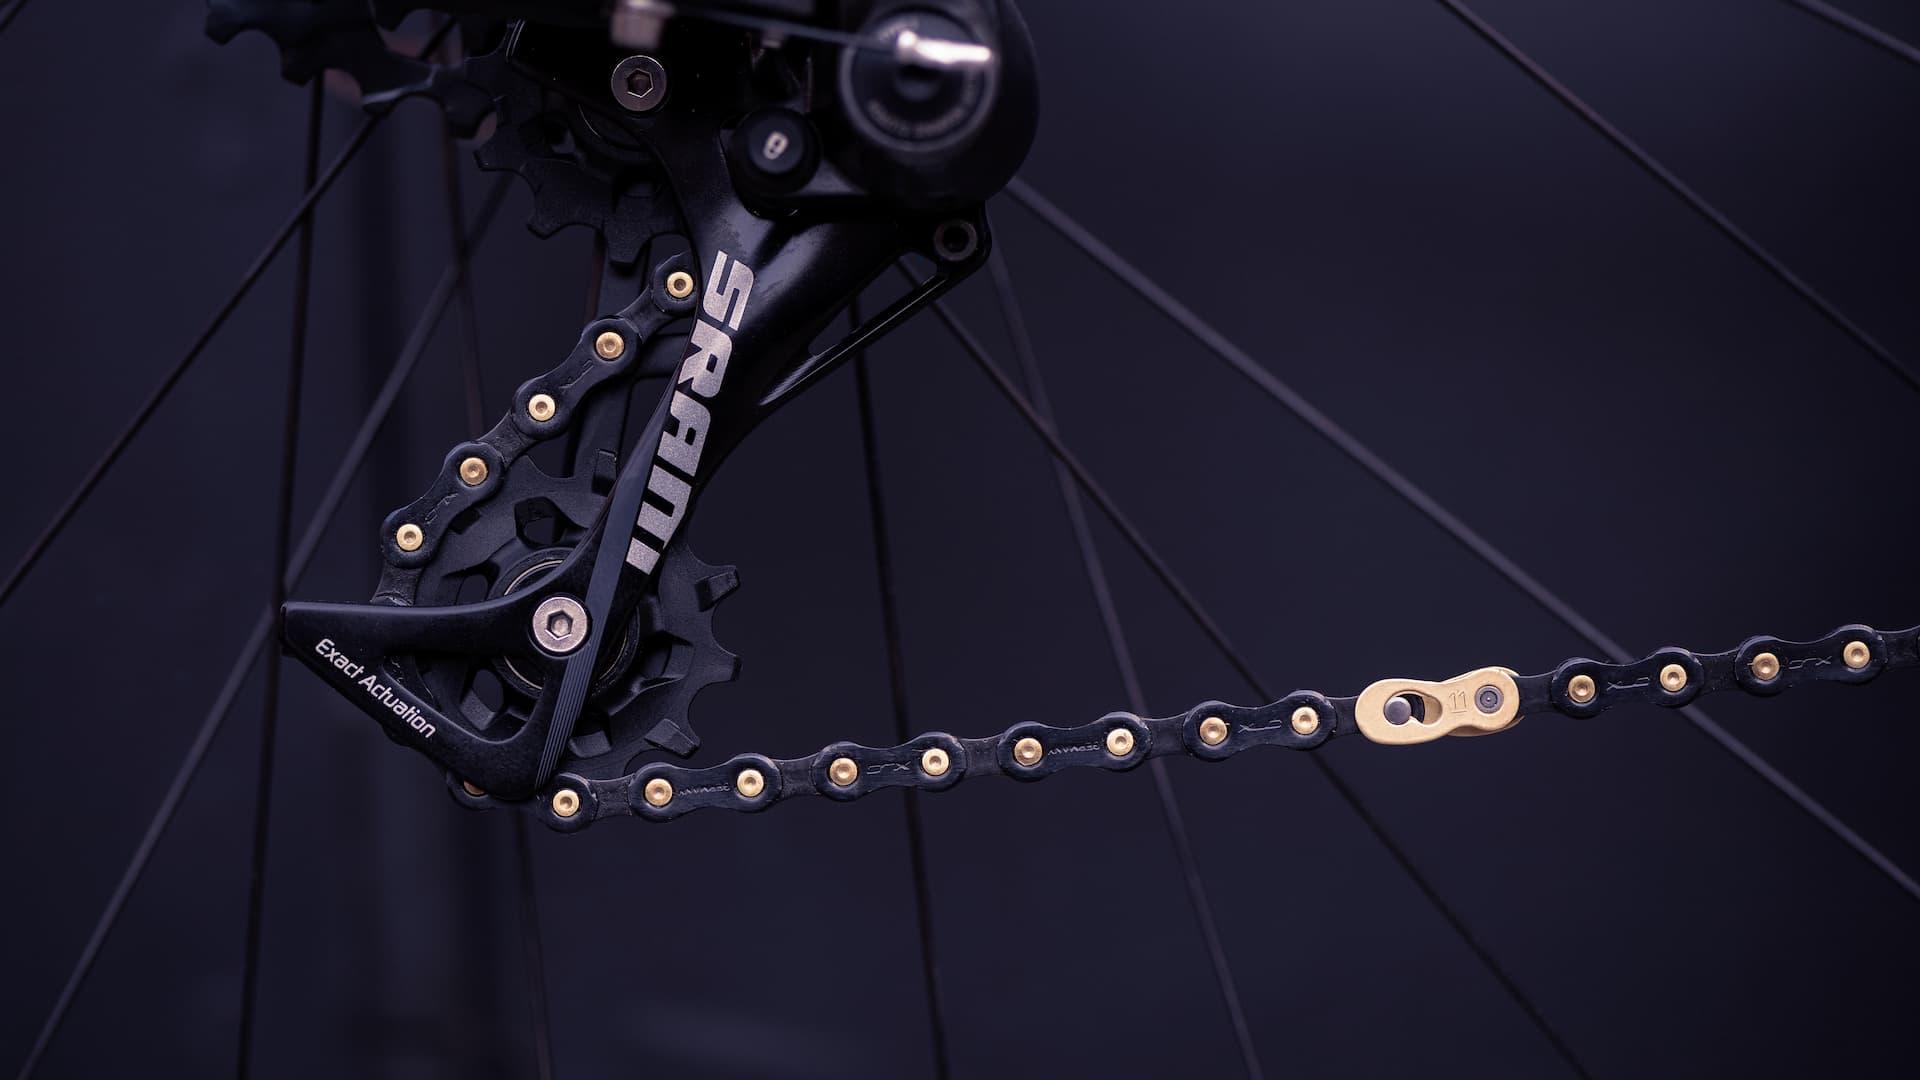 Łańcuch rowerowy wraz z przerzutką firmy SRAM